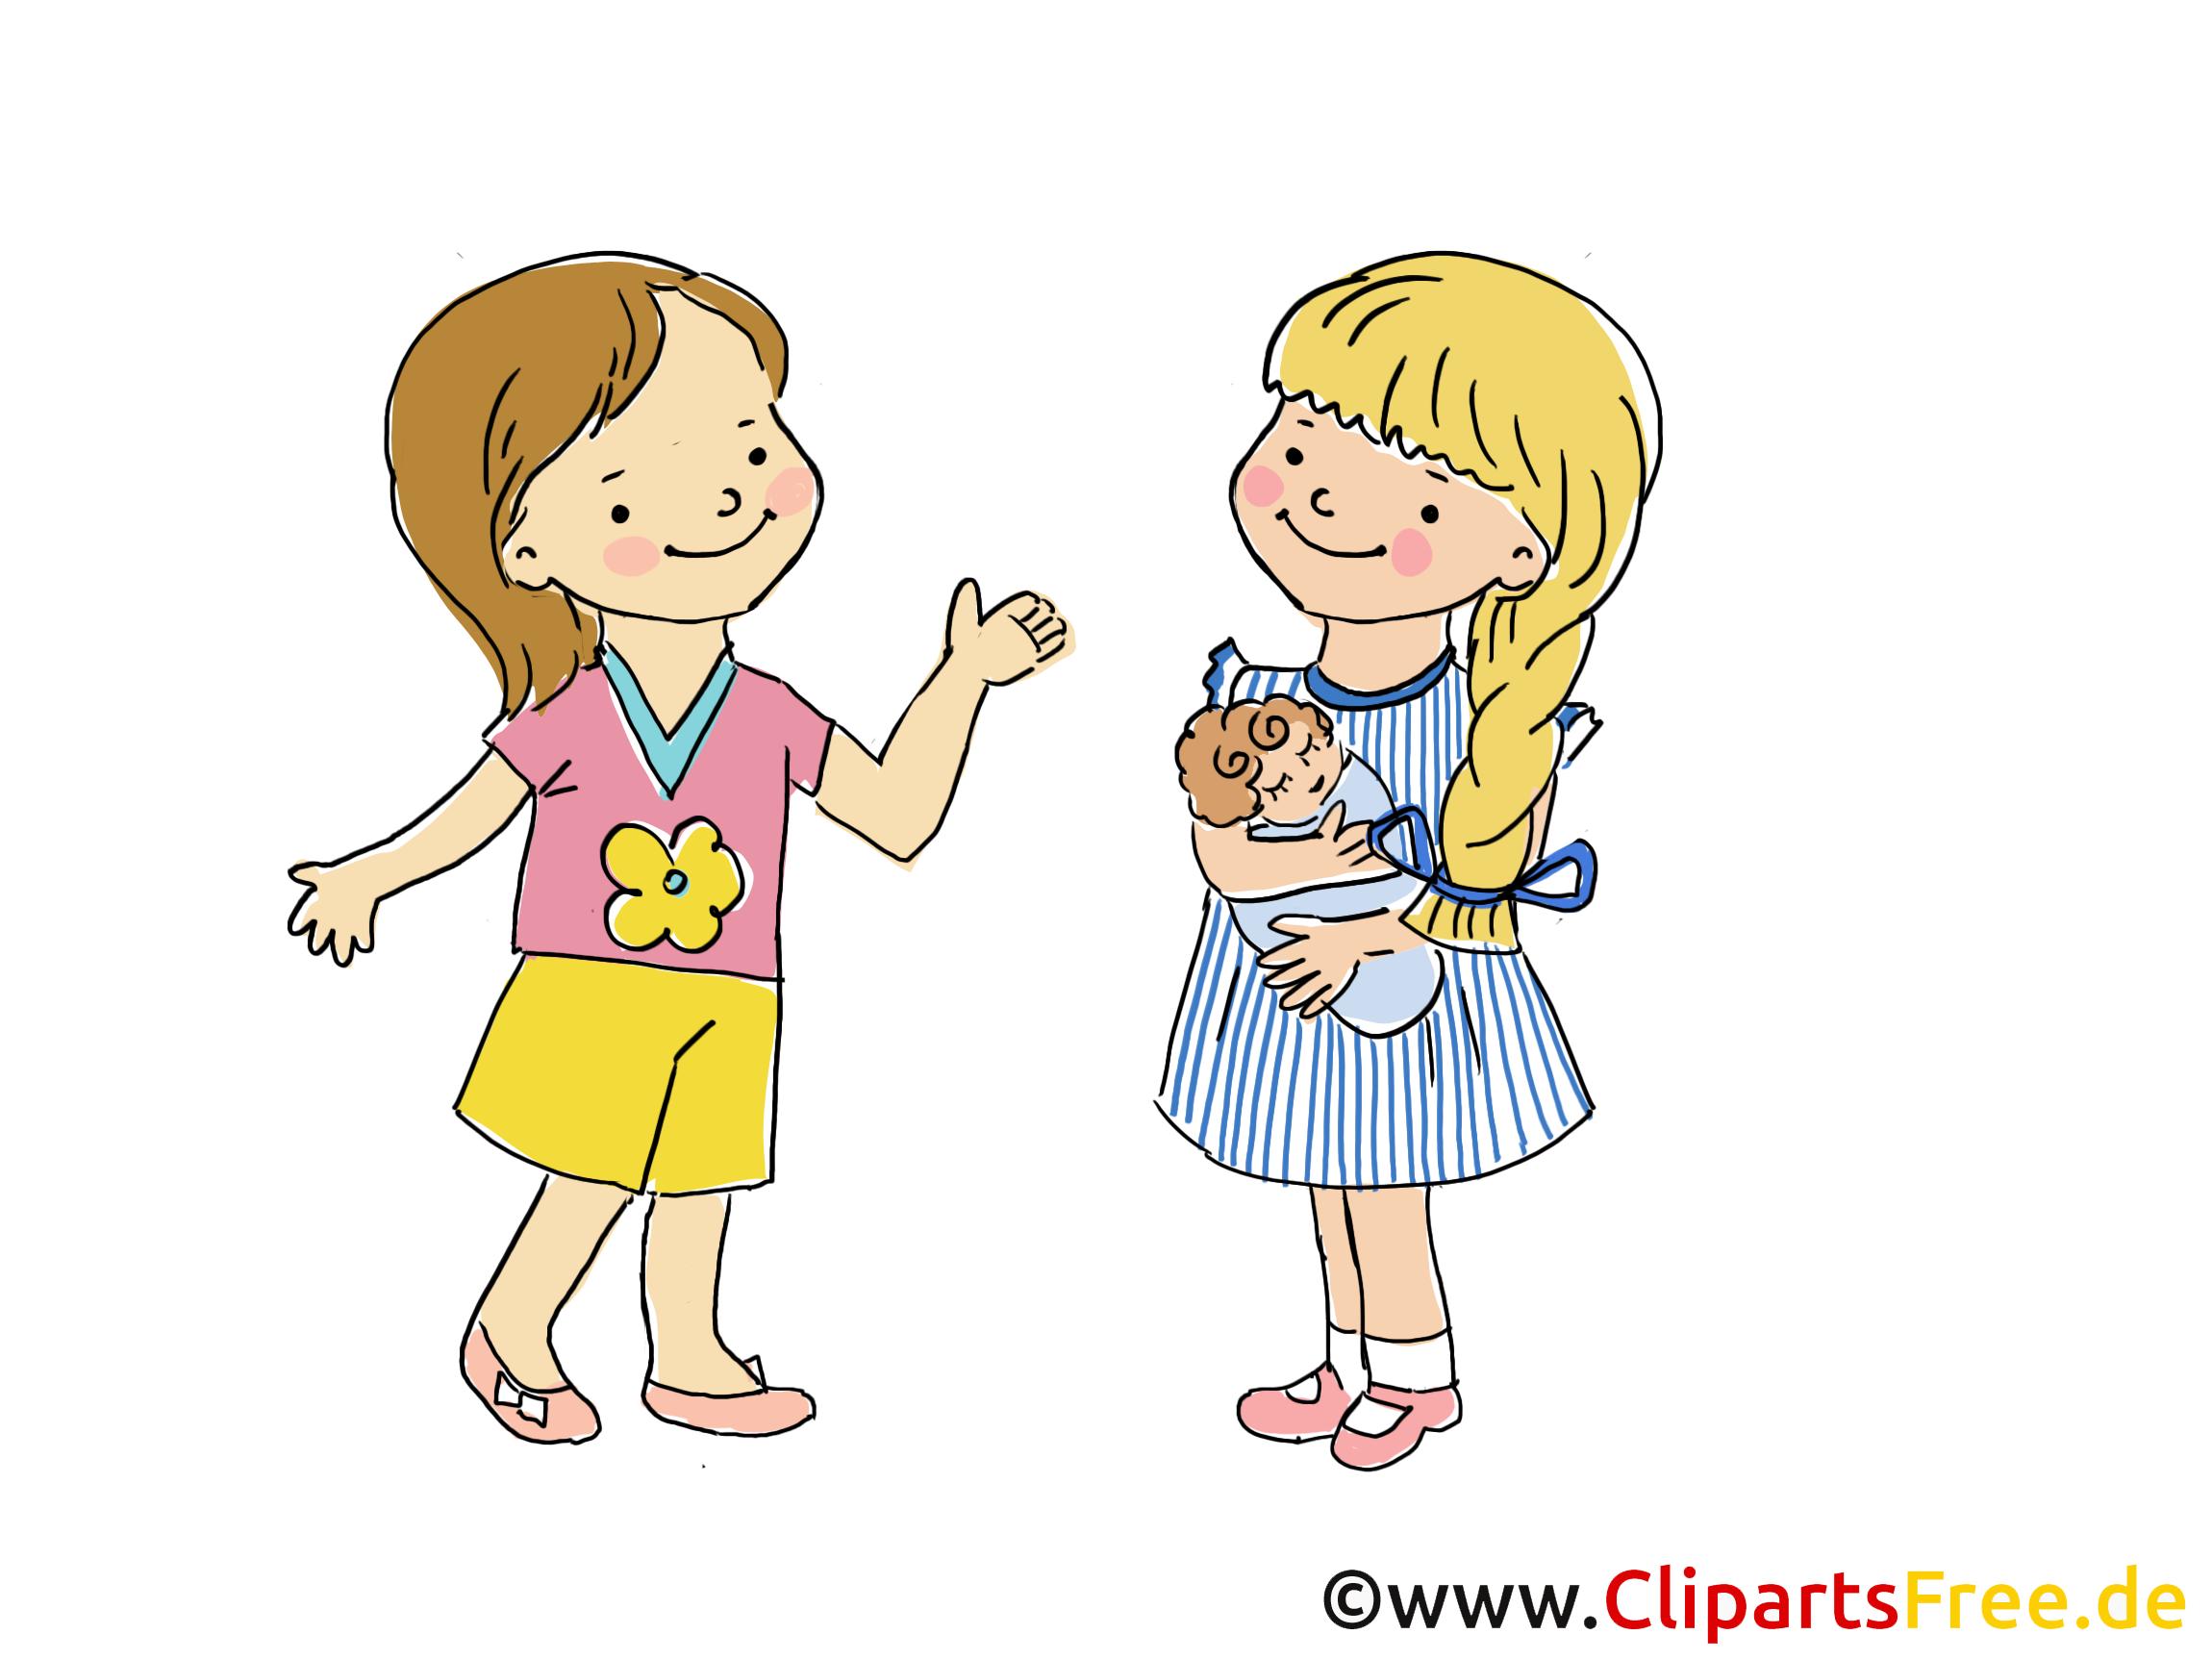 Gespr ch zwischen kindern bild clipart cartoon grafik gratis - Menschen malen lernen kindergarten ...